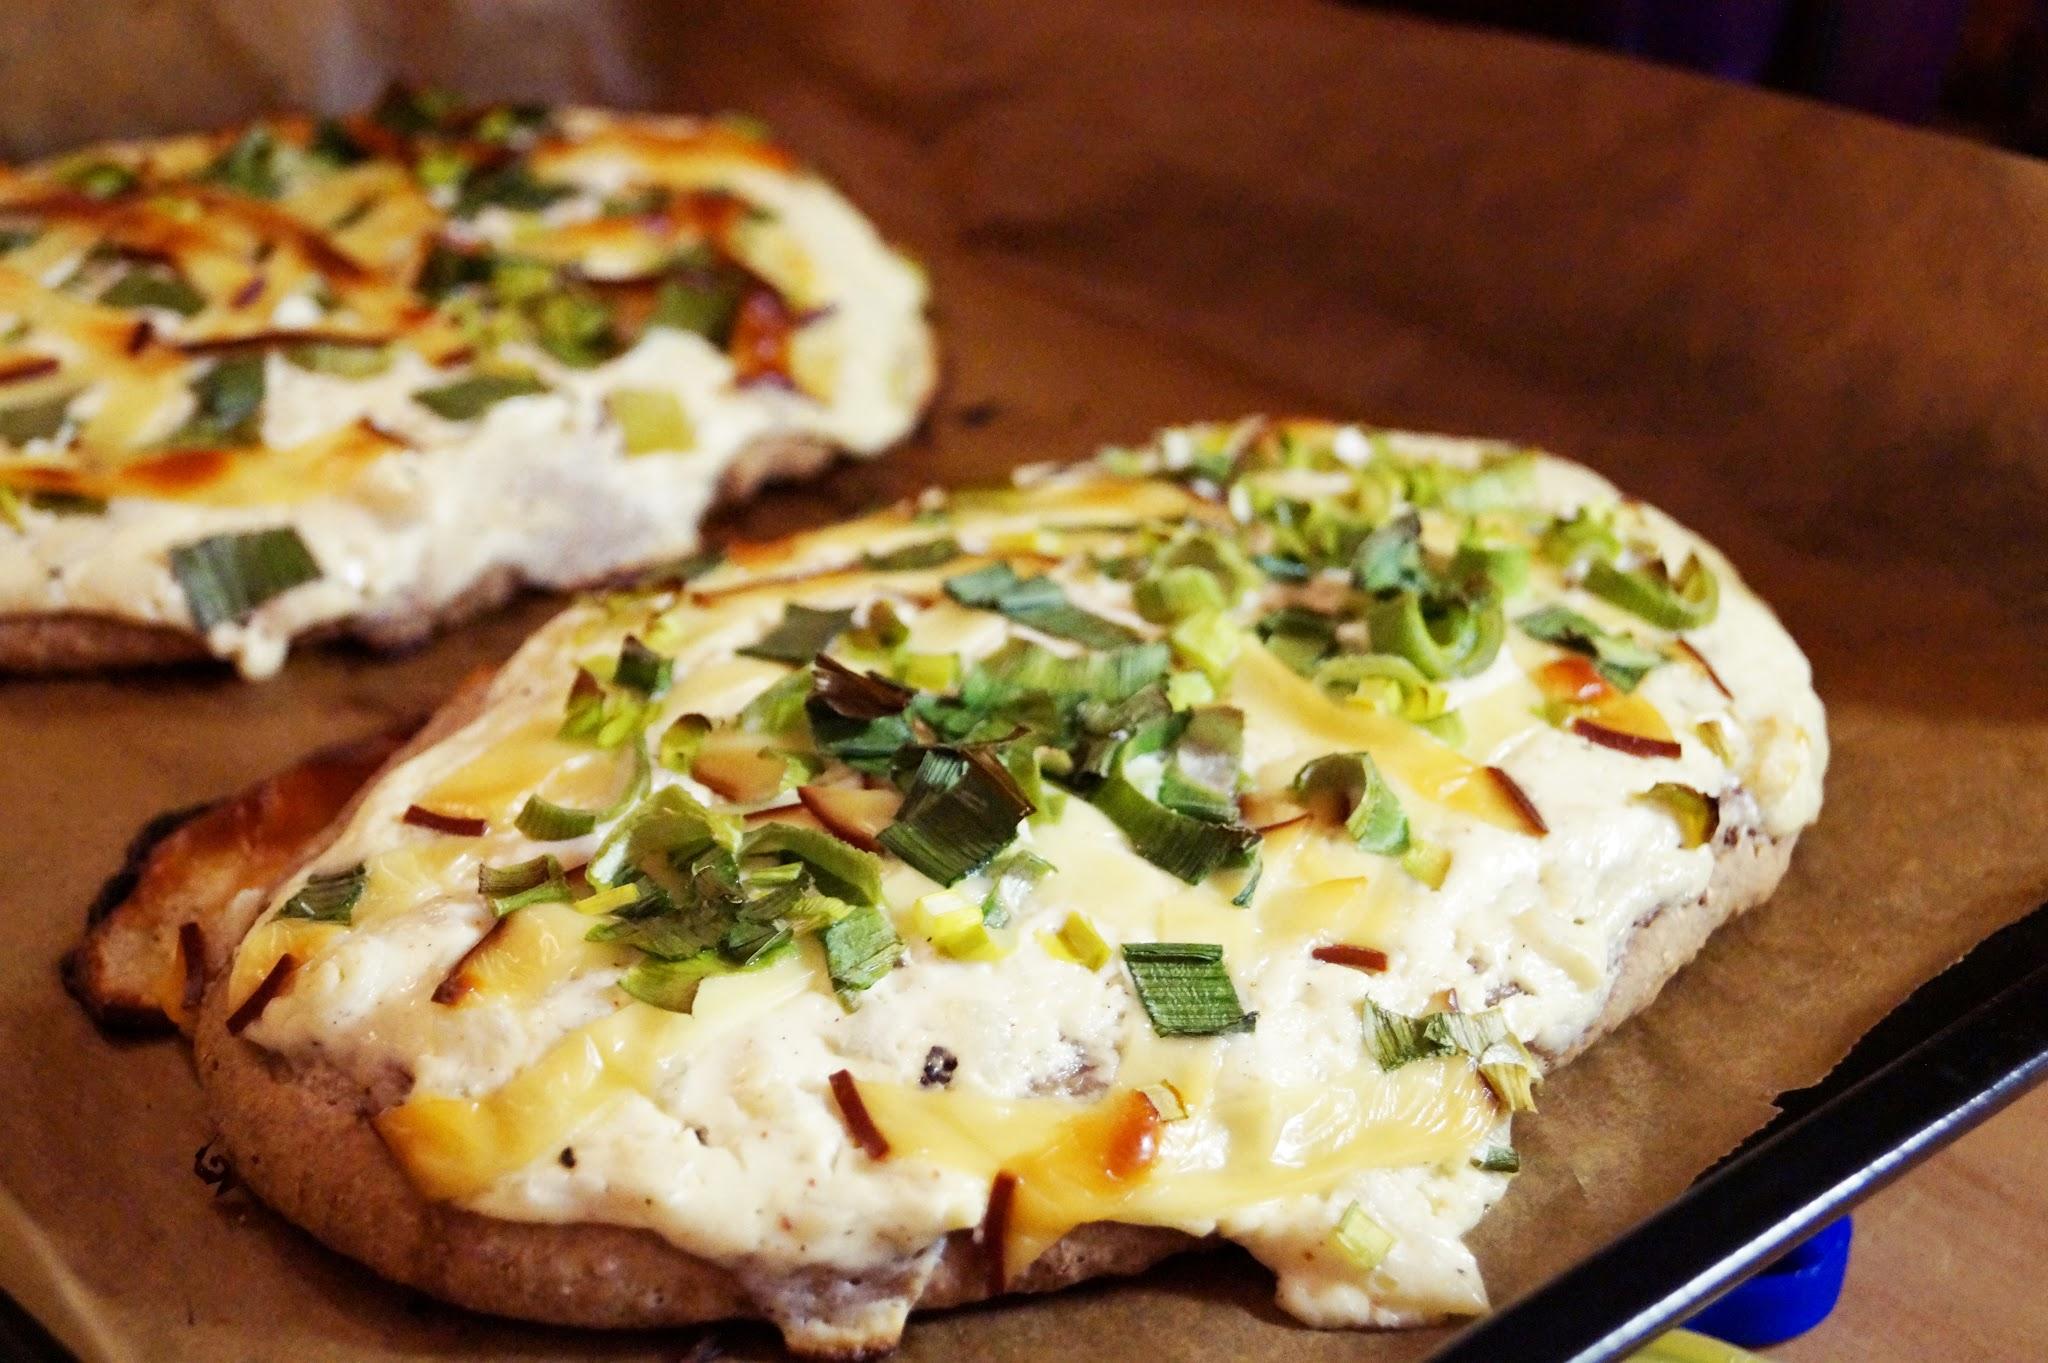 Vollkornbrot belegt mit Frühlingszwiebeln auf Sahne-Soße und mit Käse überbacken